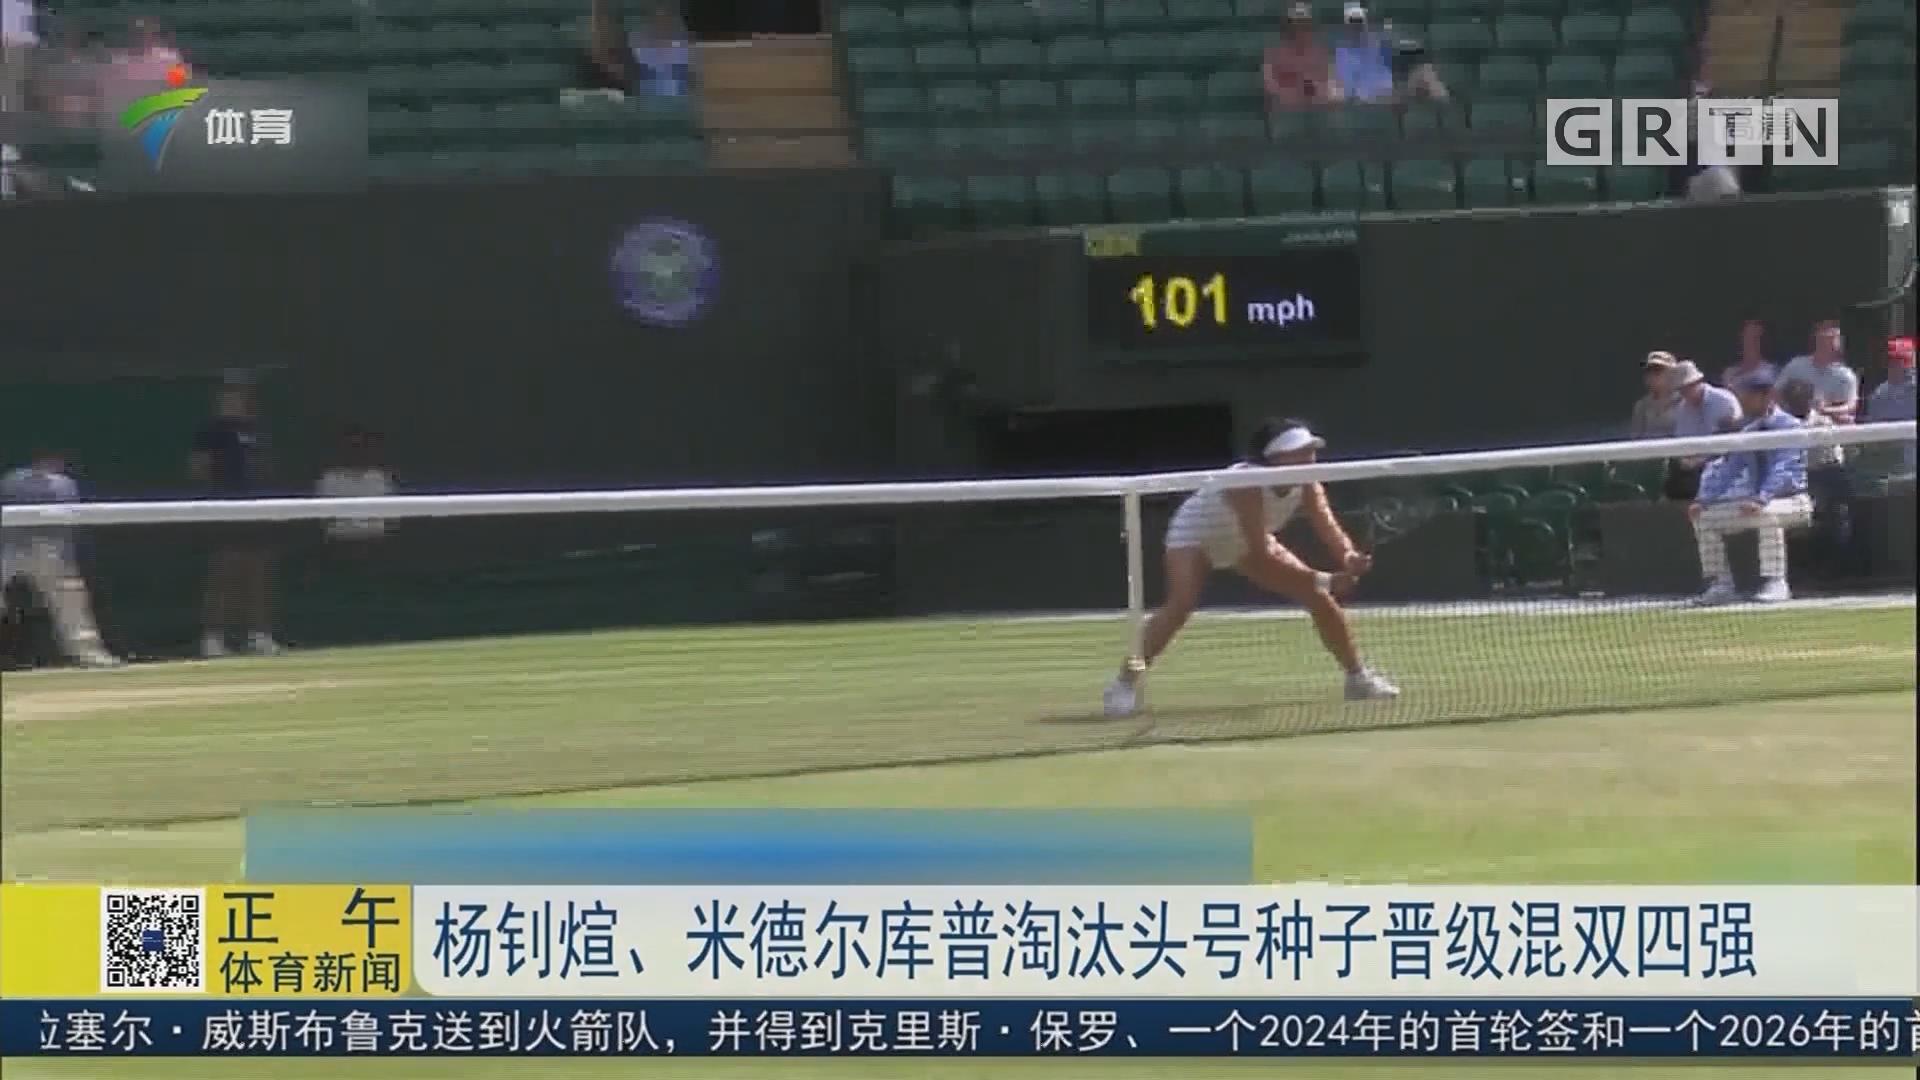 杨钊煊、米德尔库普淘汰头号种子晋级混双四强